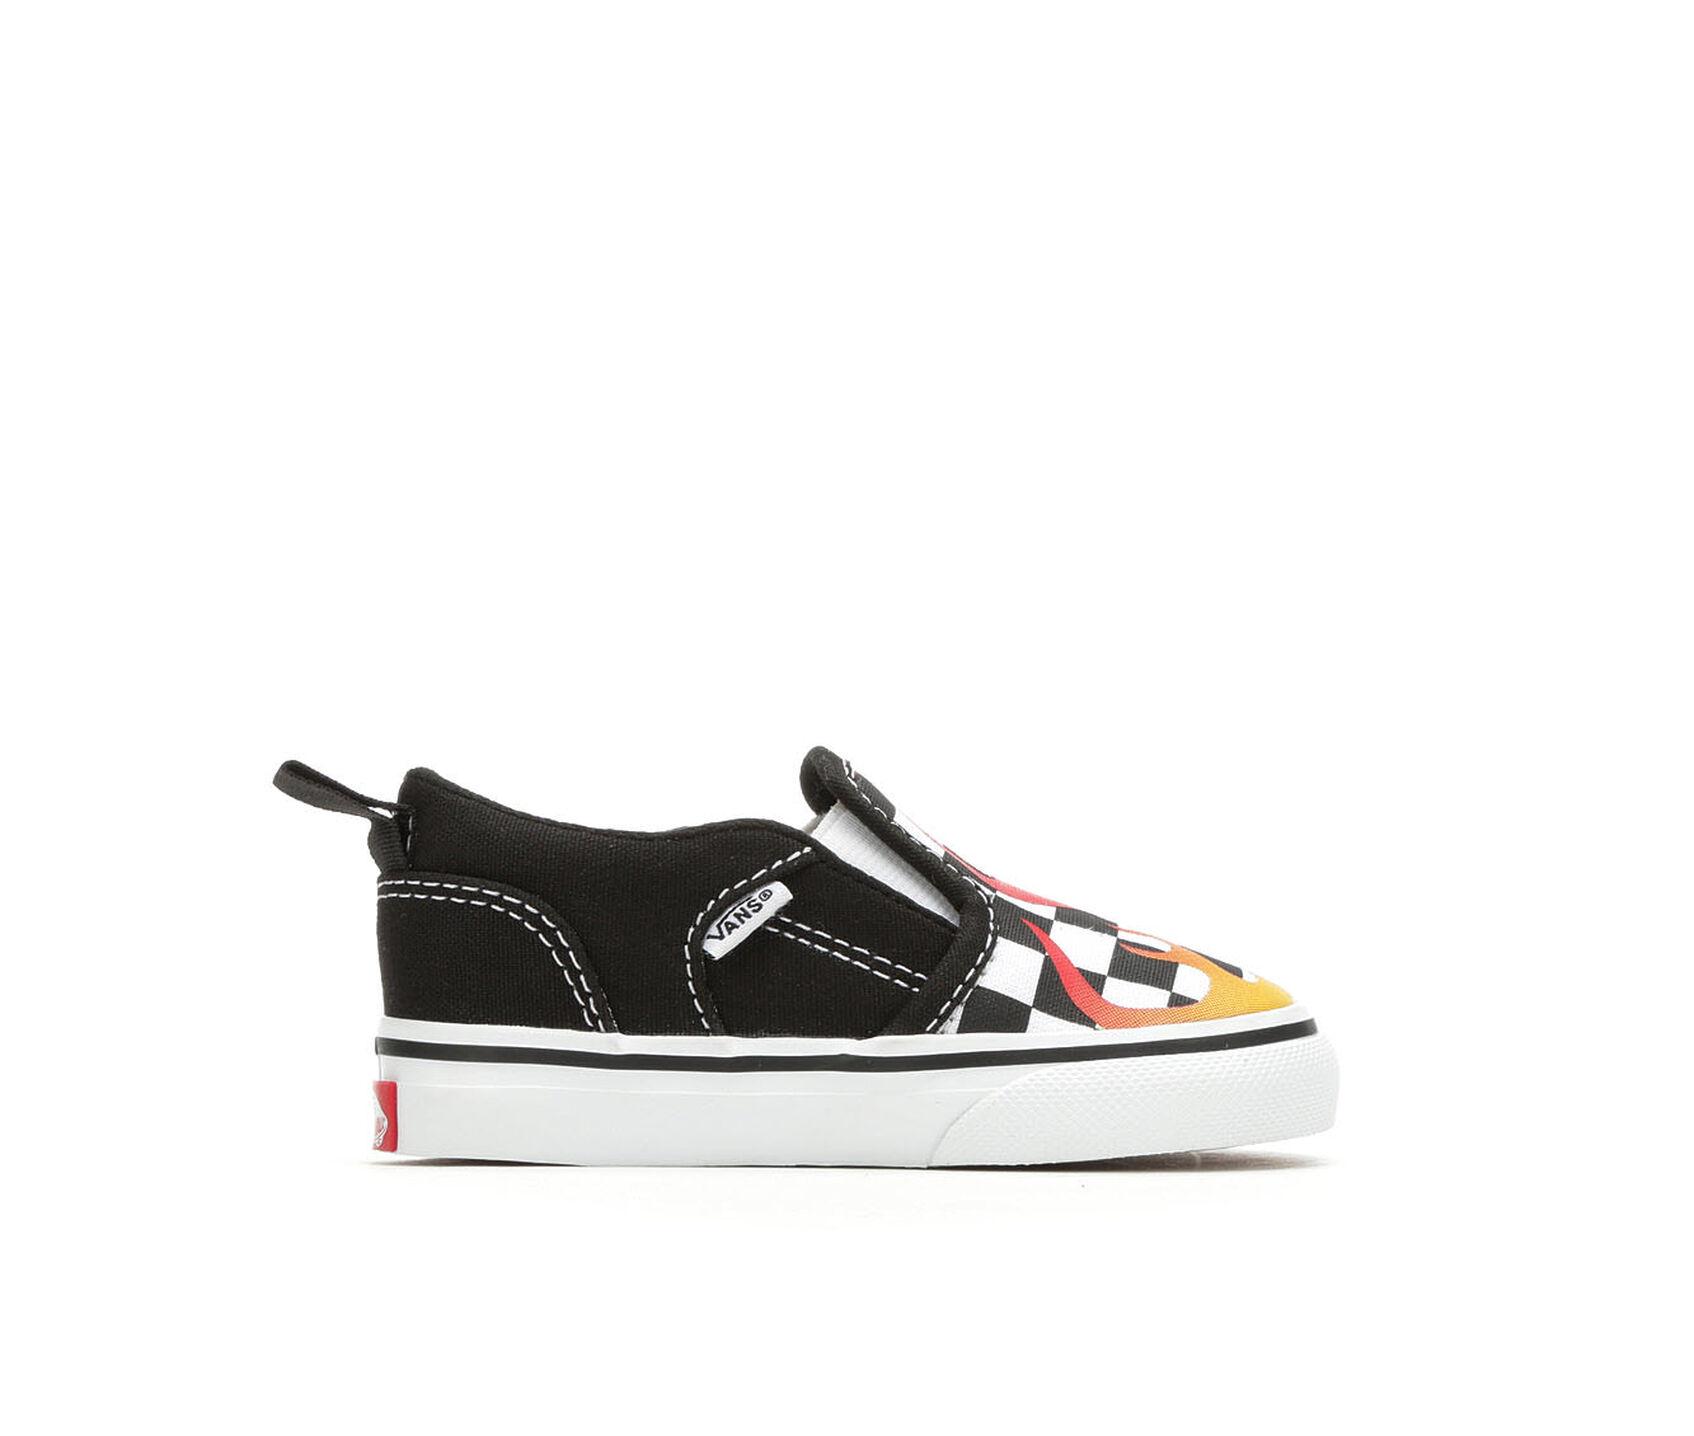 c761615b062 ... Vans Infant  amp  Toddler Asher V Slip-On Skate Shoes. Previous